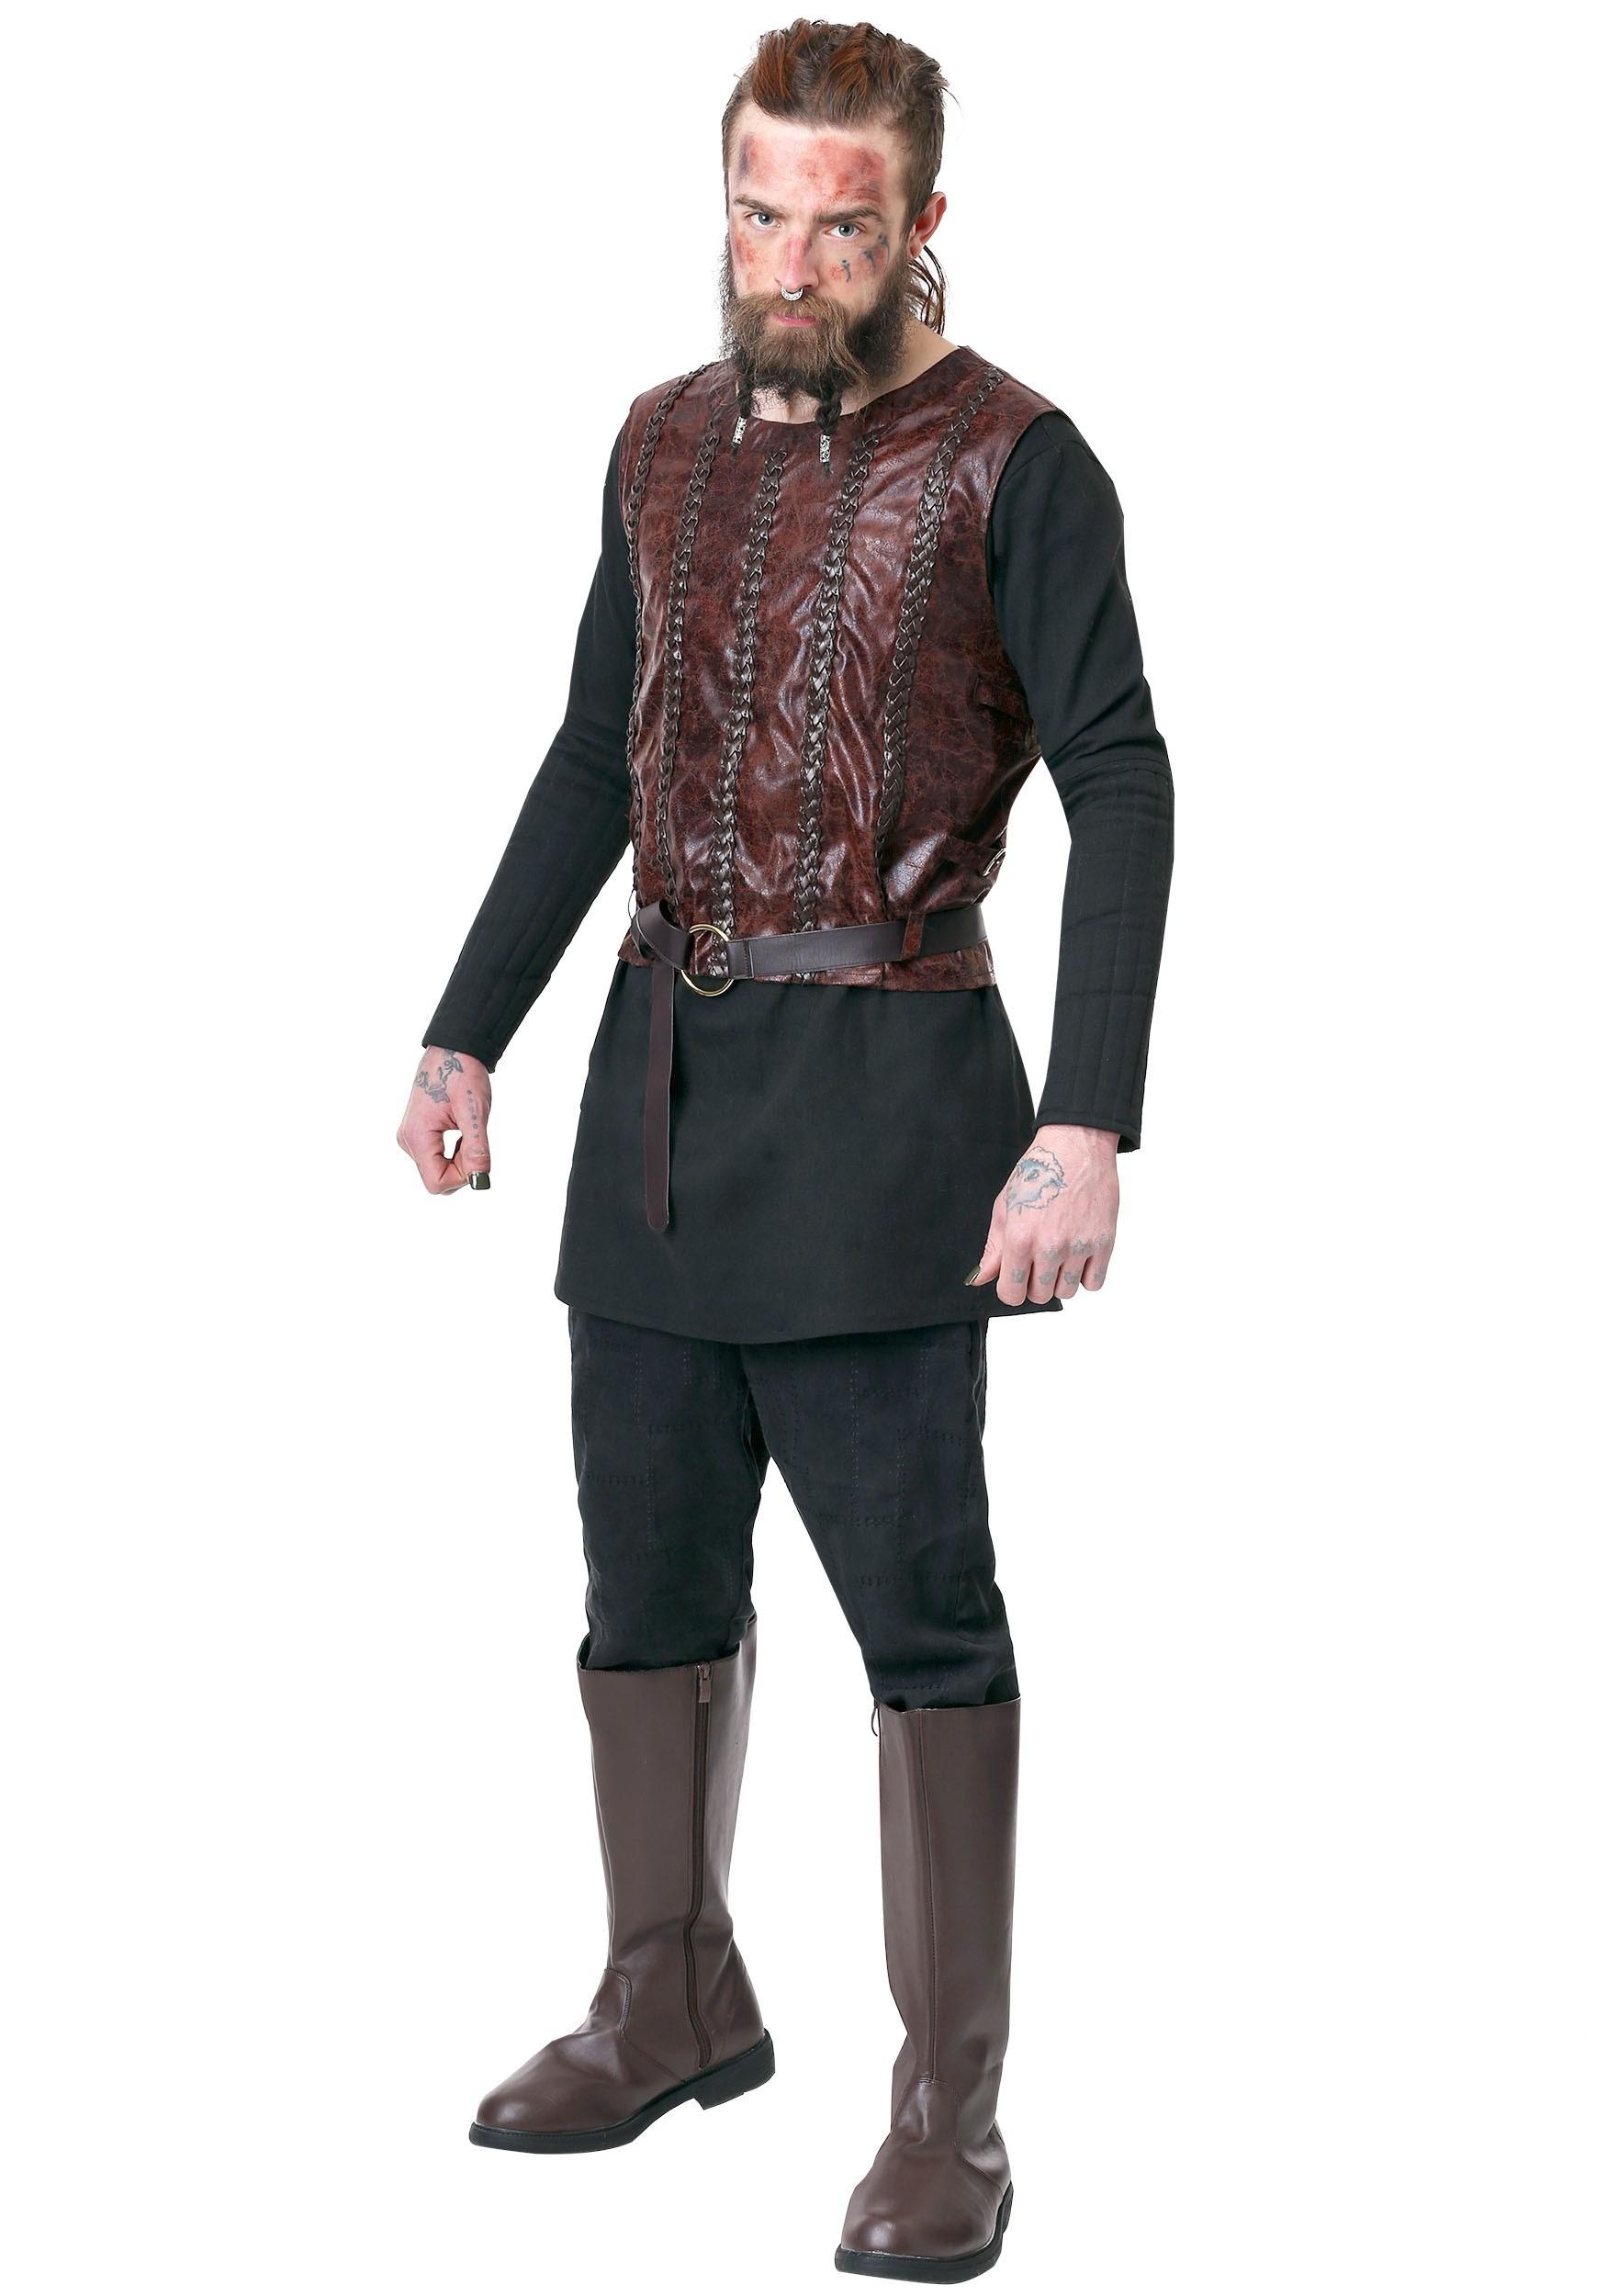 Vikings Bjorn Ironside Costume for Men